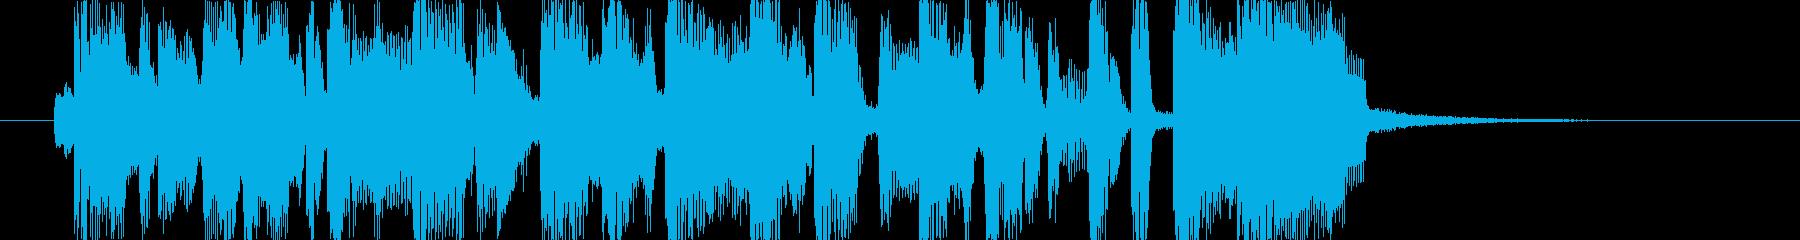 軽快なノリのファンキーなジングルの再生済みの波形